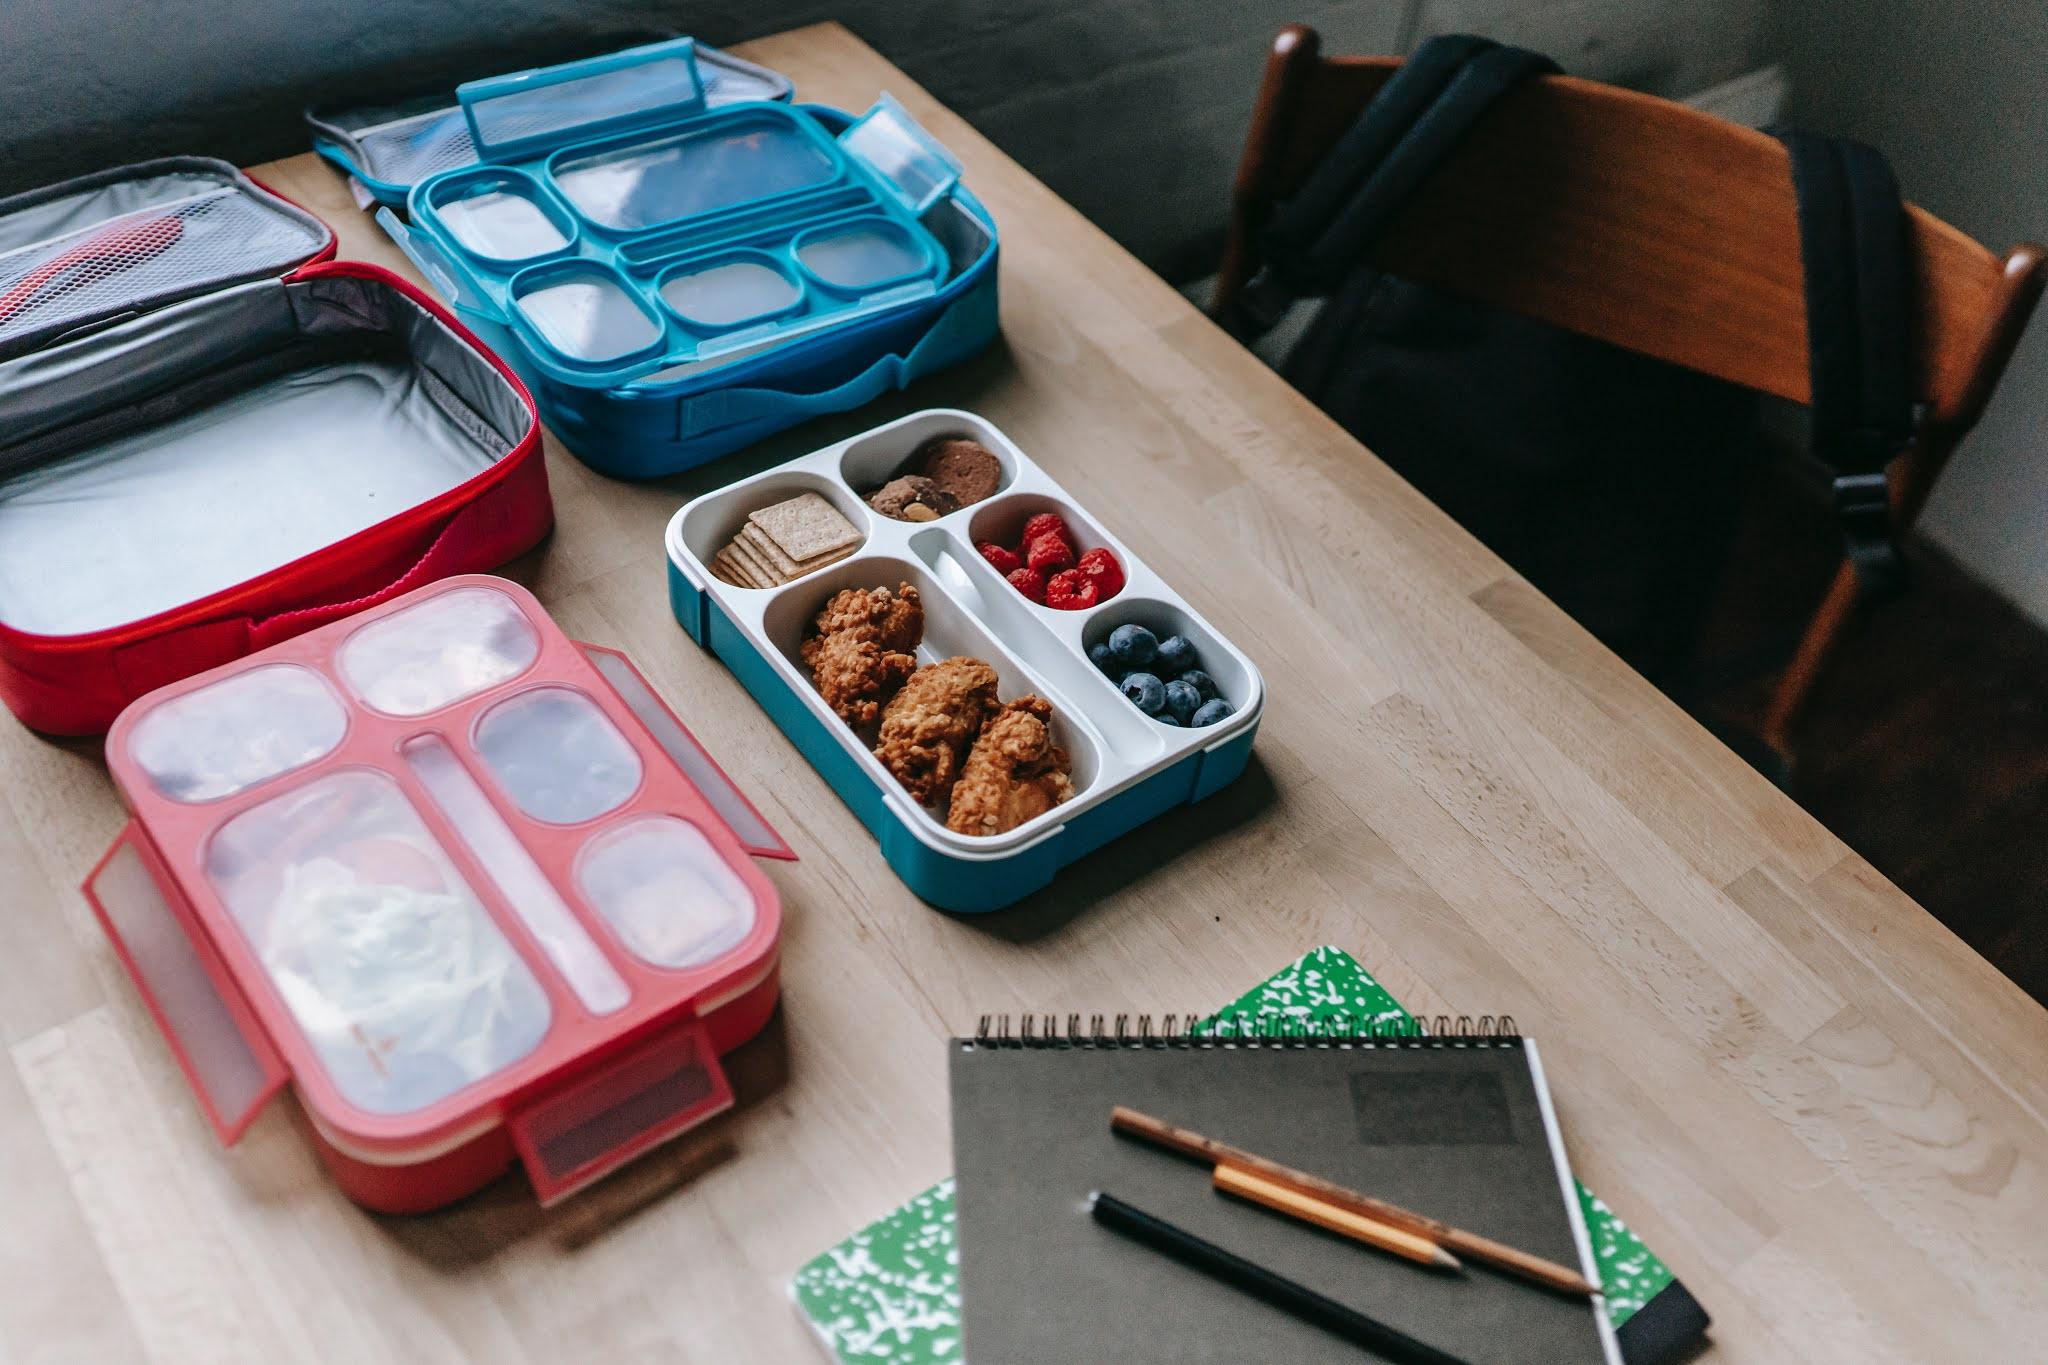 kotak makan zero waste